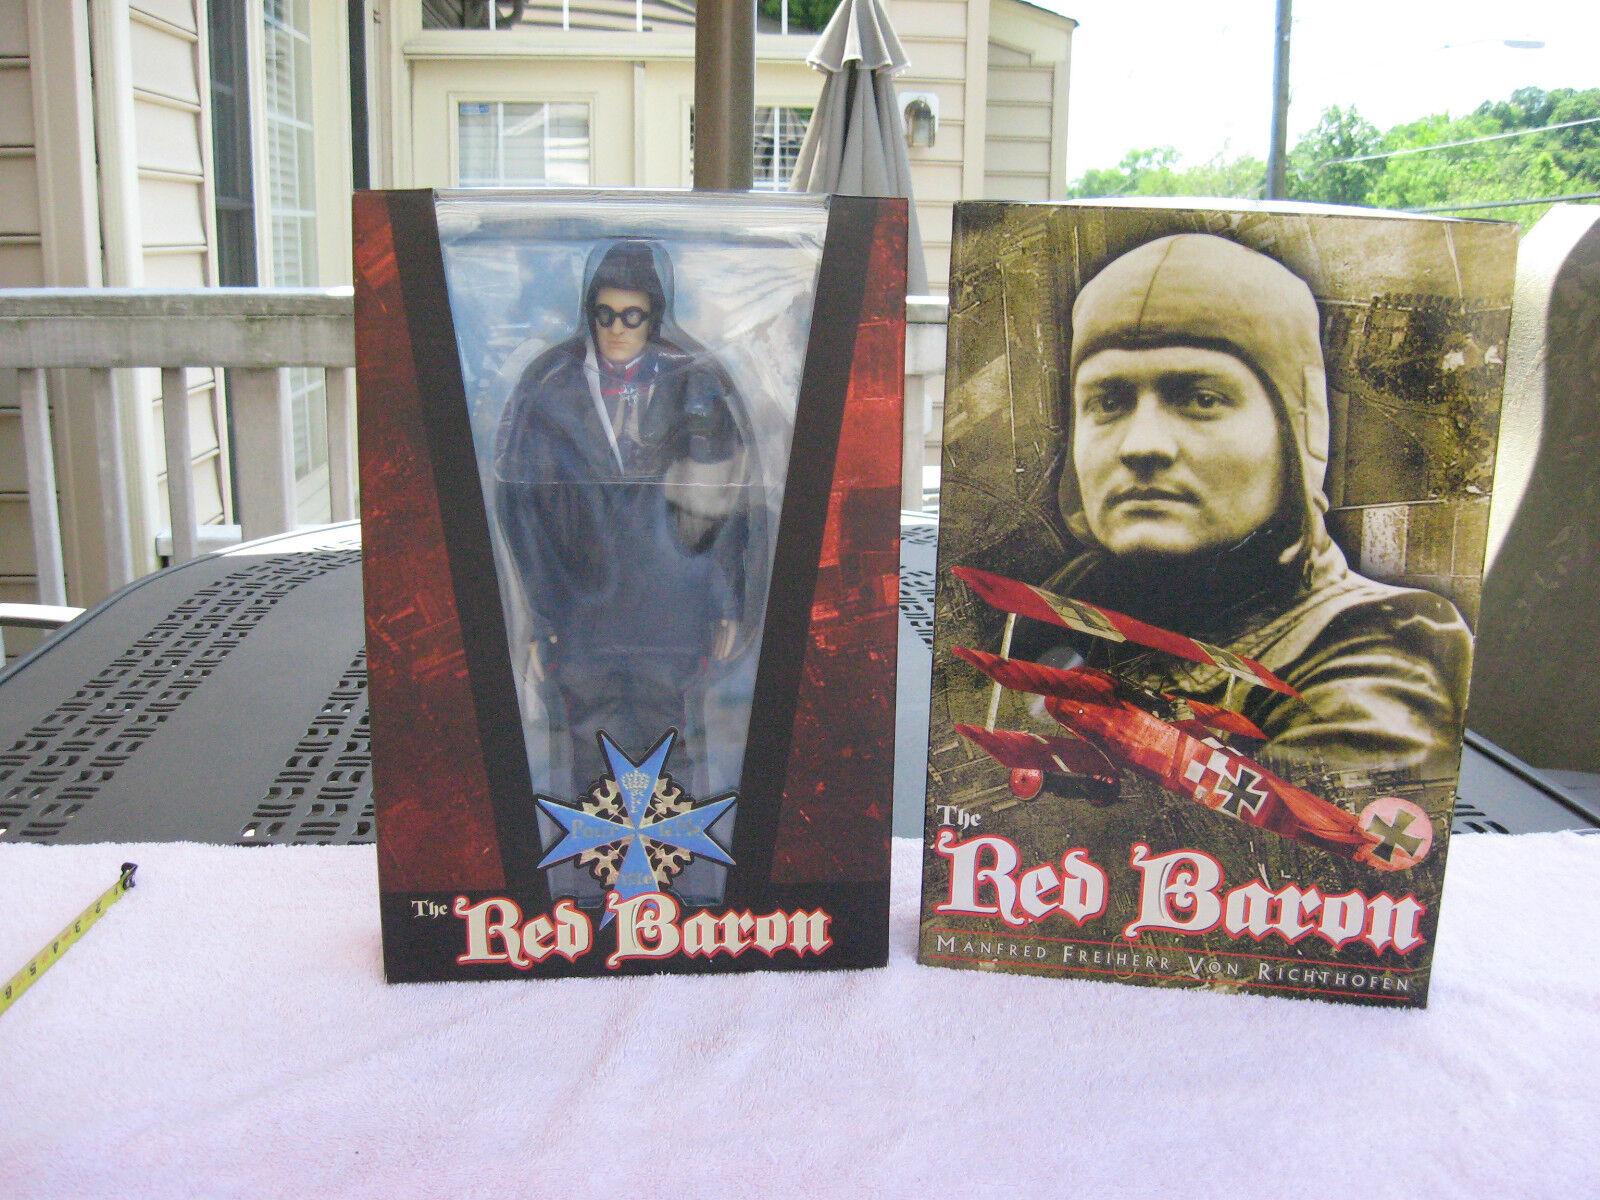 The Red Baron Manfred Freiherr Von Richthofen 12  Figure By Blitzkrieg Toyz